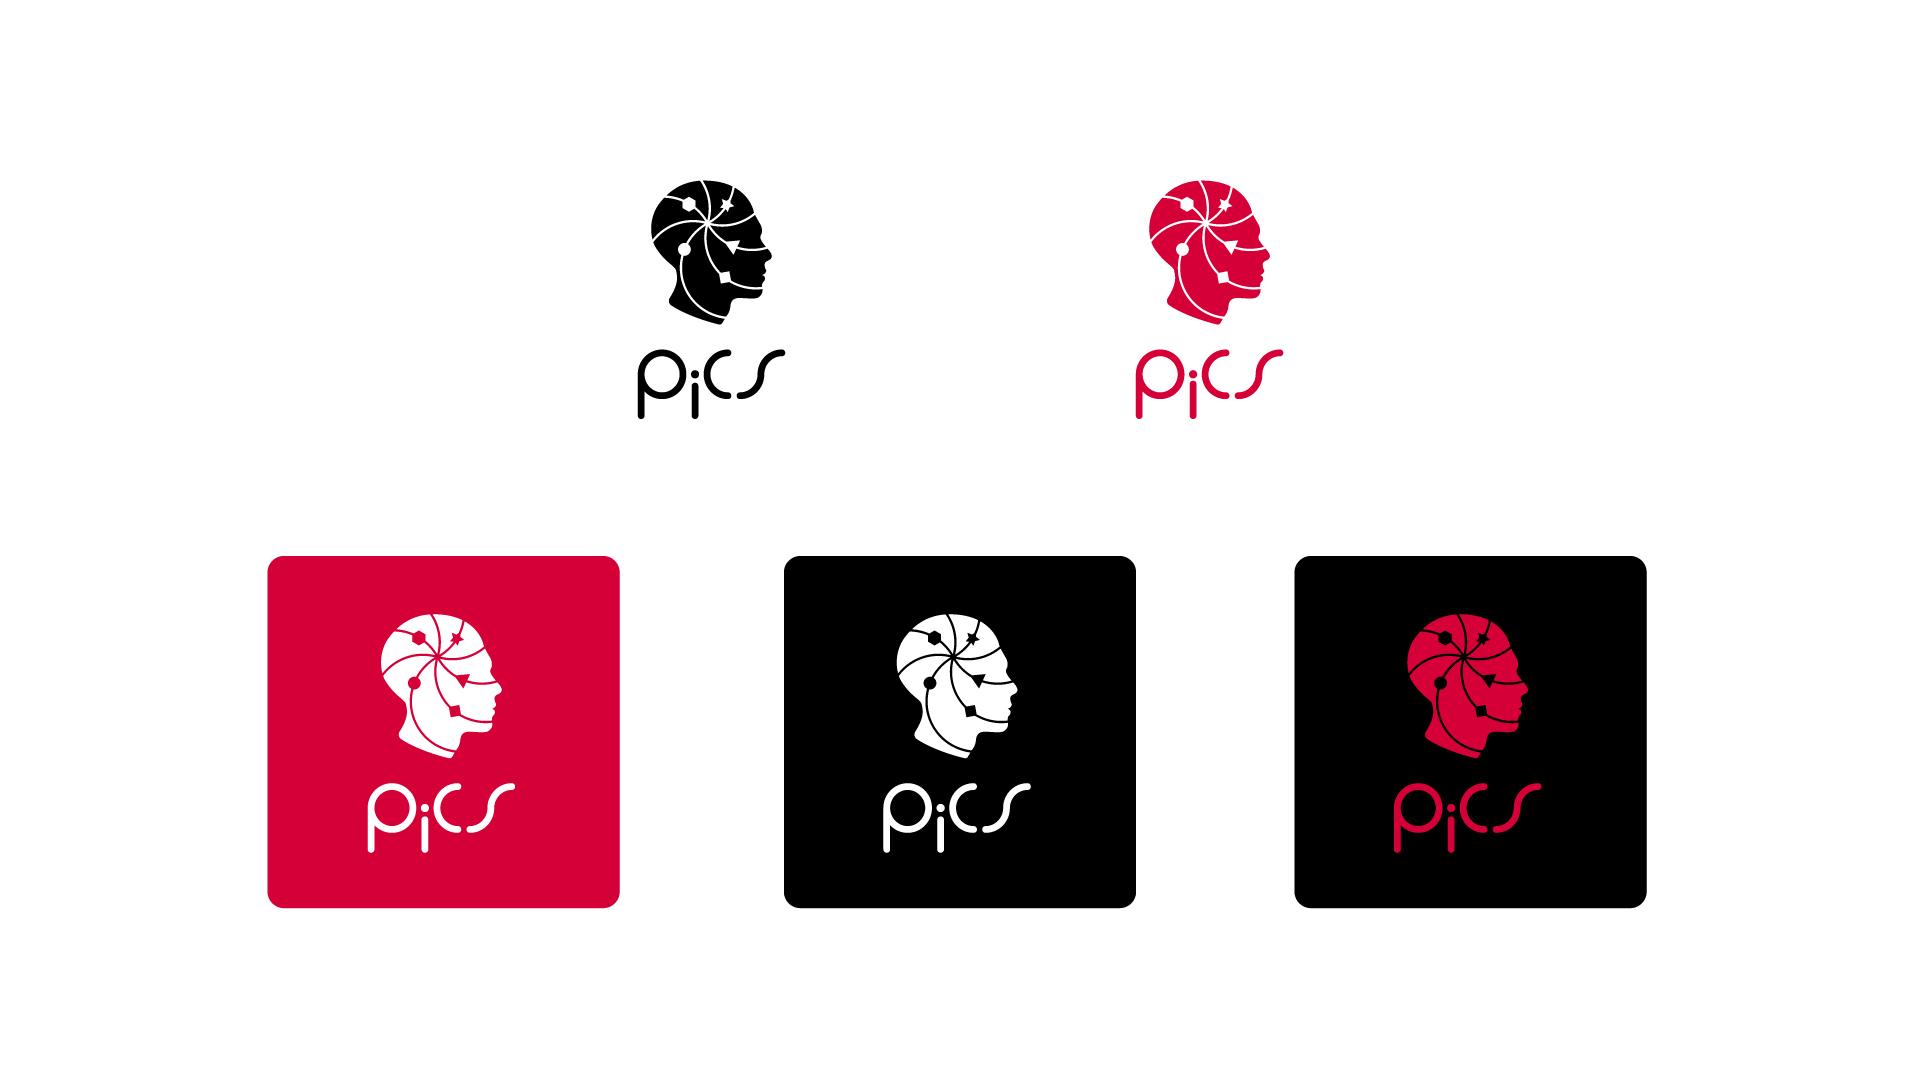 PICS_Logotype